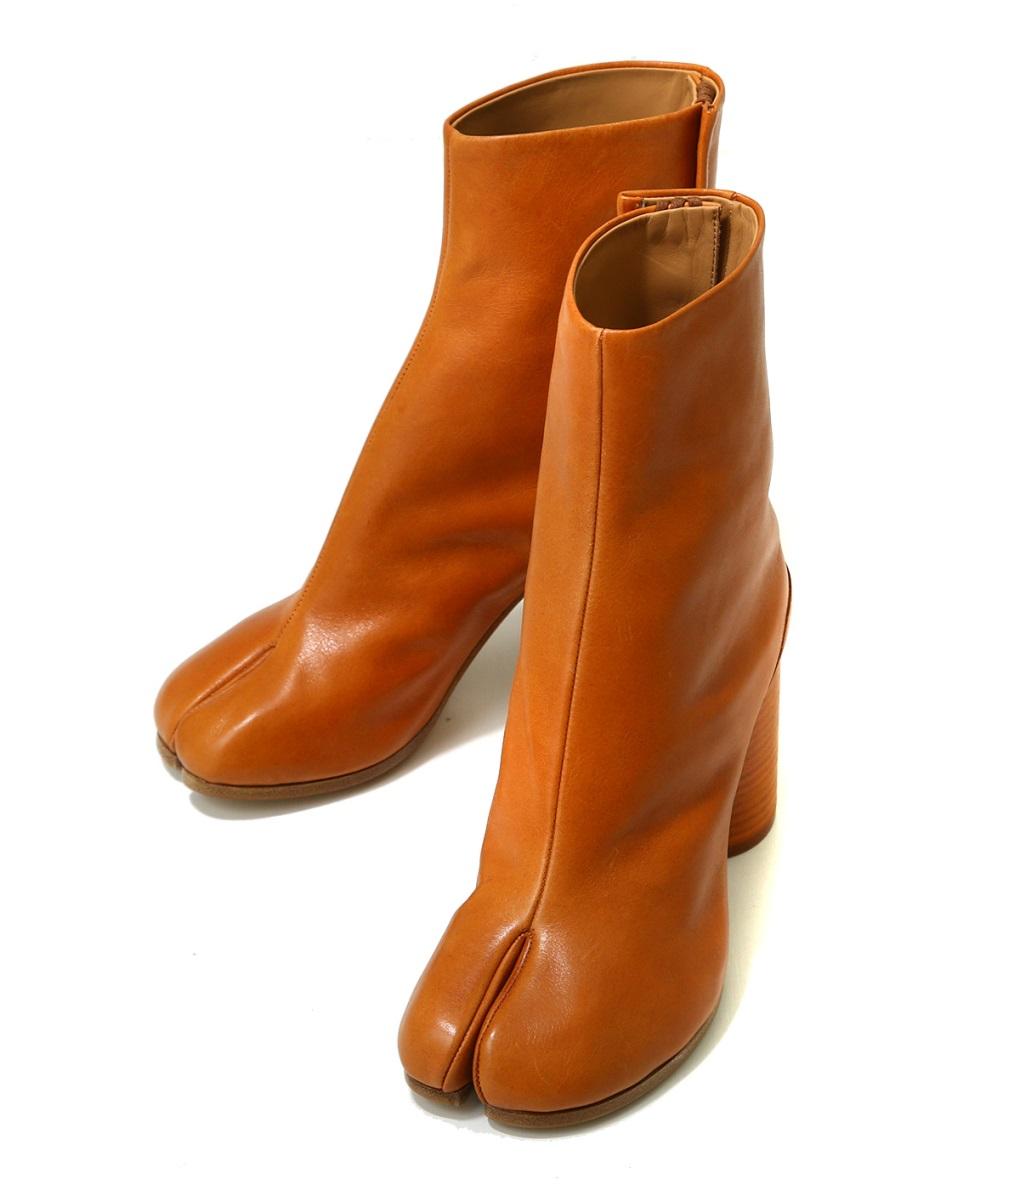 Maison Margiela / メゾン マルジェラ : 【レディース】TABI BOOTS : タビブーツ ショートレザーブーツ ブーティー レディース : S58WU0260 【ANN】